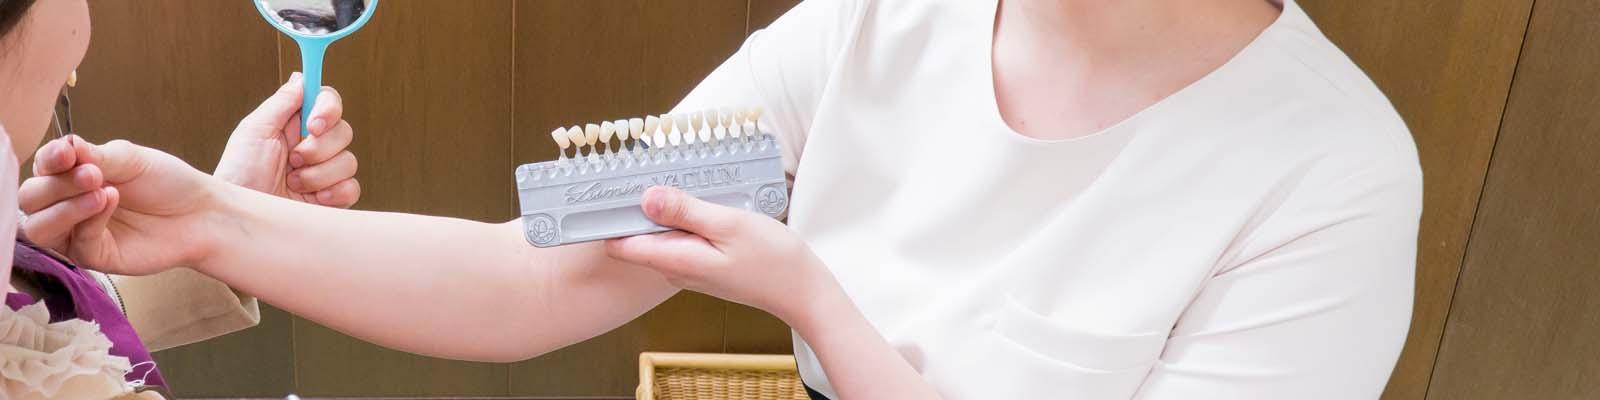 小石歯科 | 審美歯科・ホワイトニング